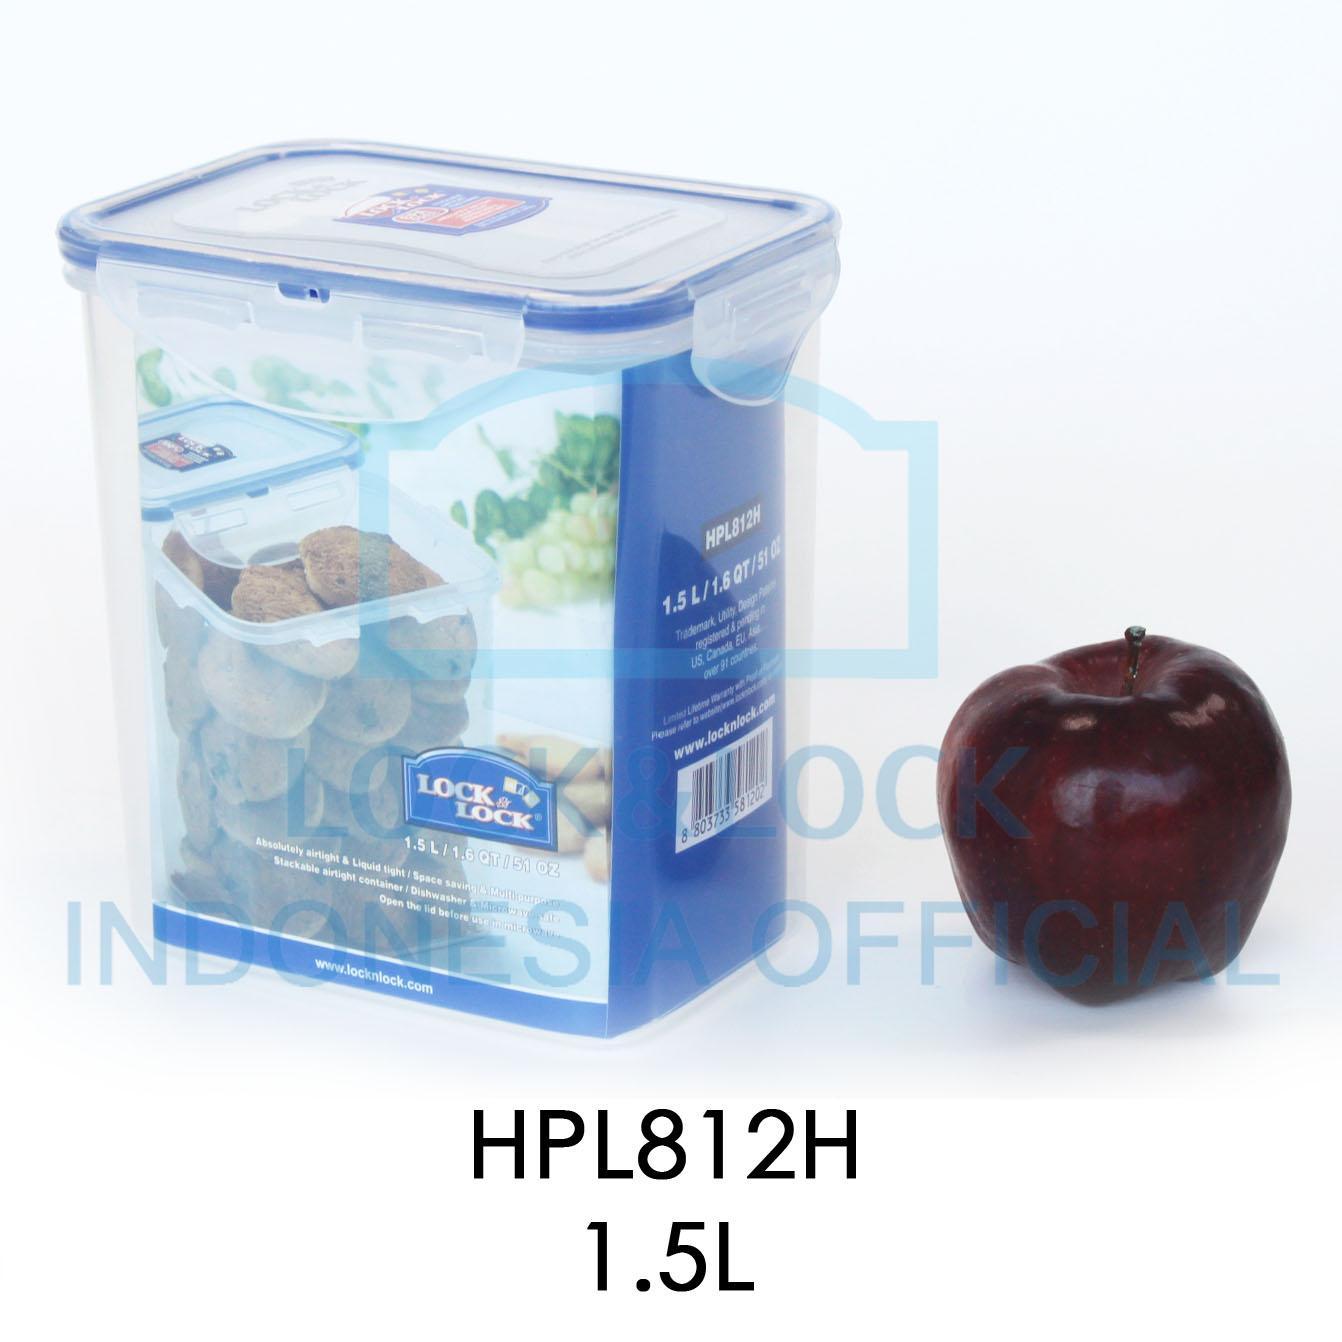 Locklock Food Container Hpl855 Square Tall 860ml Referensi Daftar Hpl934hc 690ml Detail Gambar Tempat Penyimpanan Makanan Serbaguna Hpl812h Rectangular 15